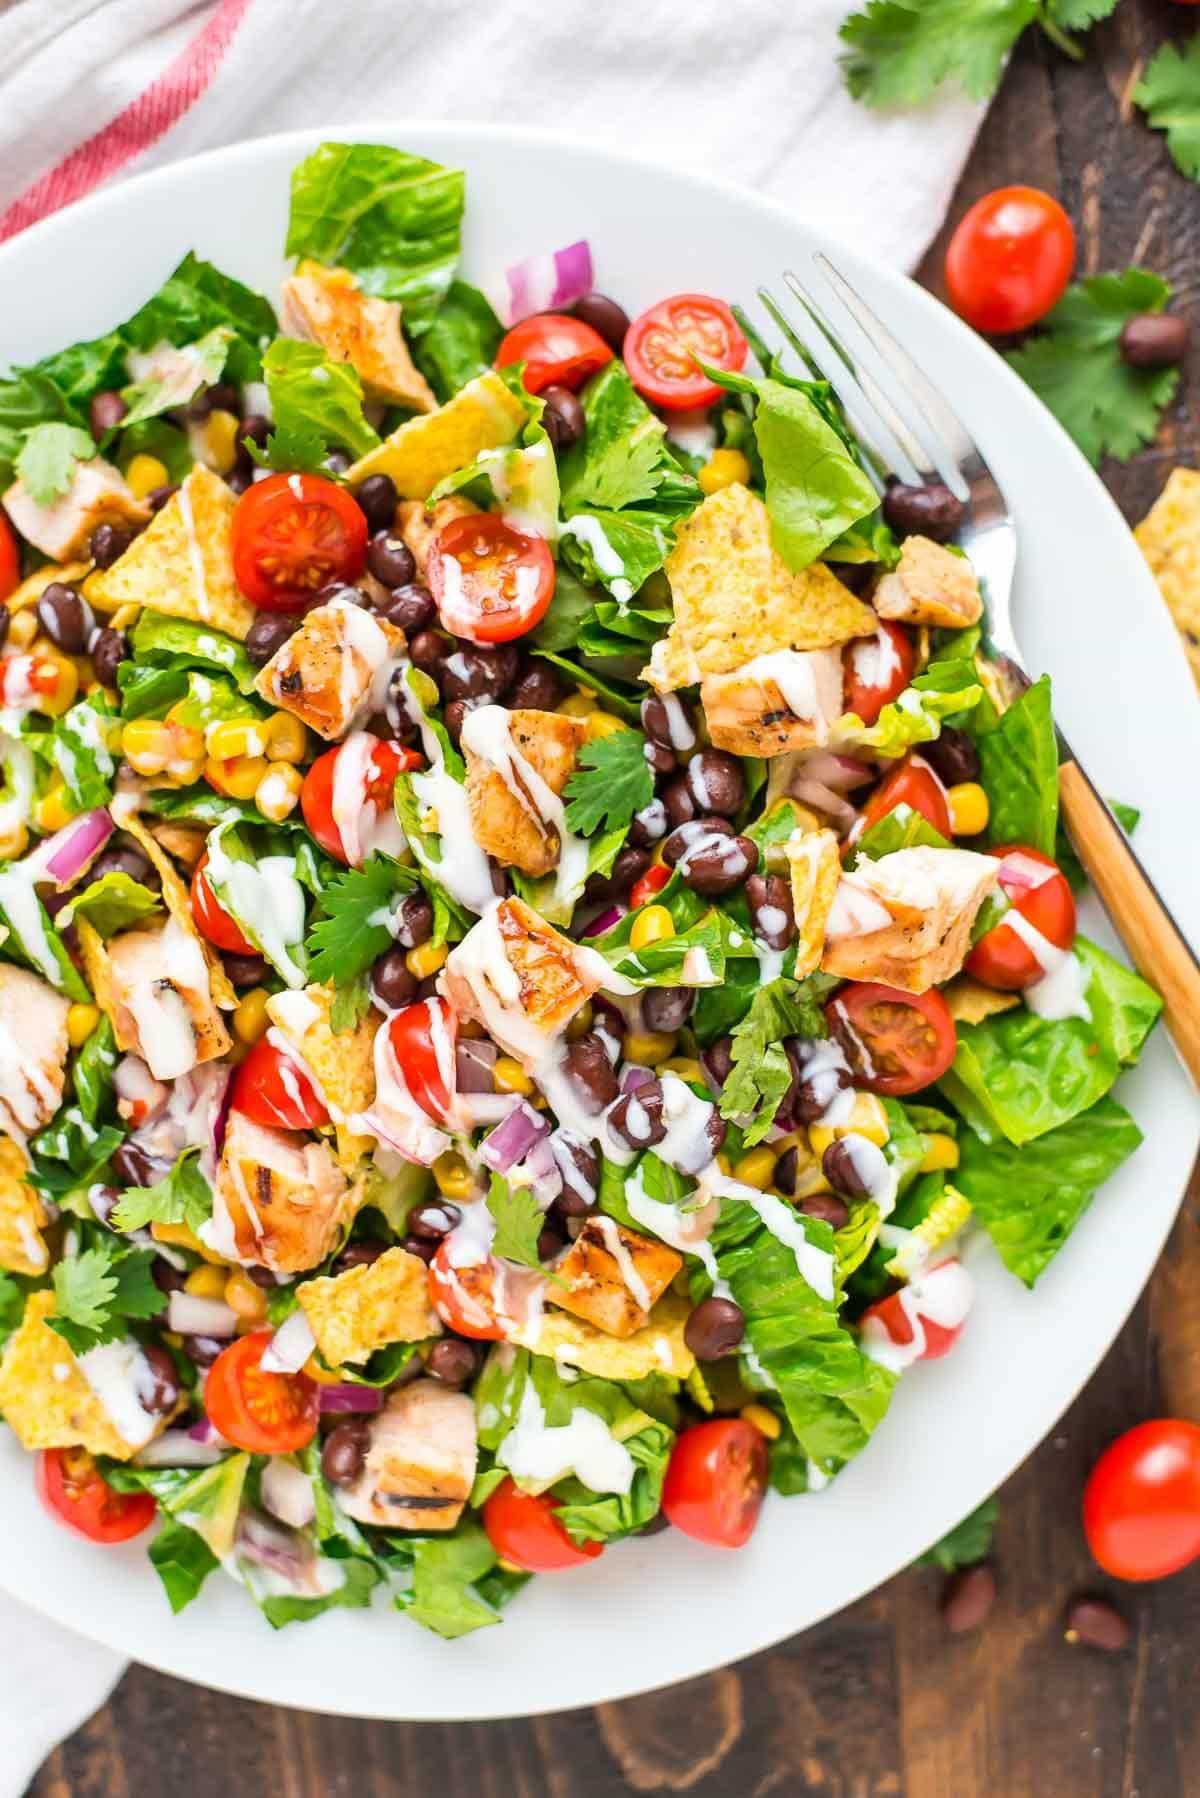 Chicken Salad Recipes Healthy  BBQ Chicken Salad with Creamy Ranch